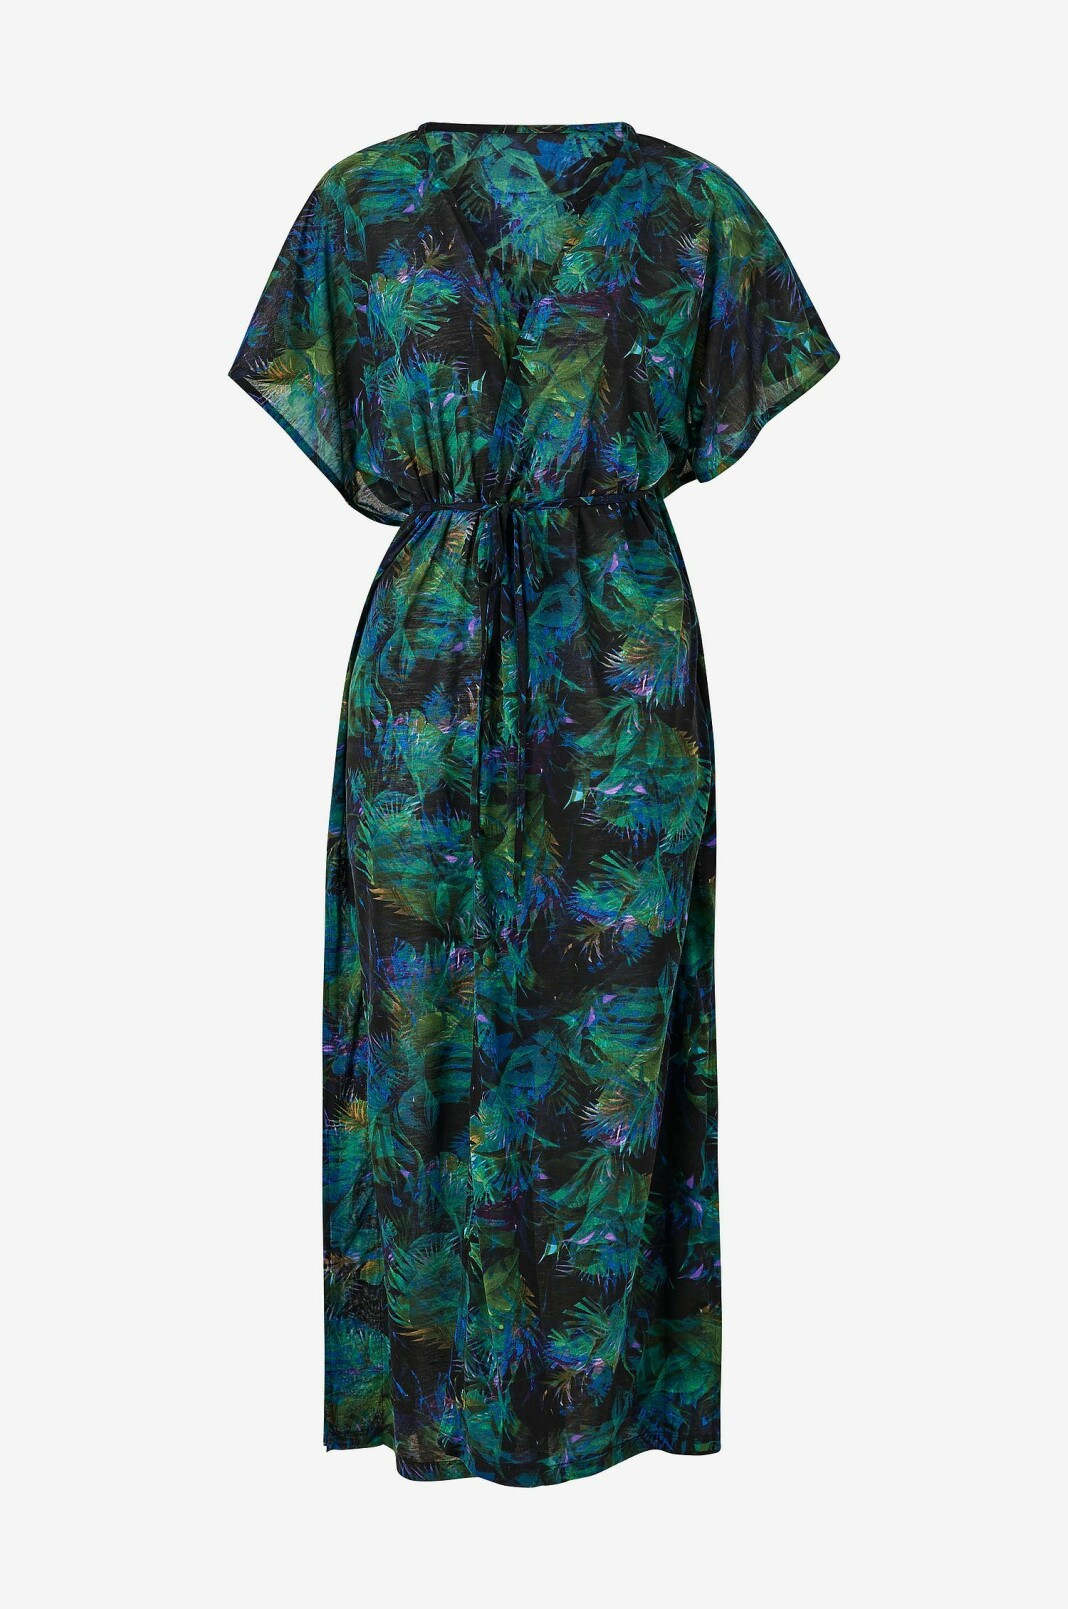 En strandklänning från designsamarbetet mellan Ellos och Therese Alshammar.